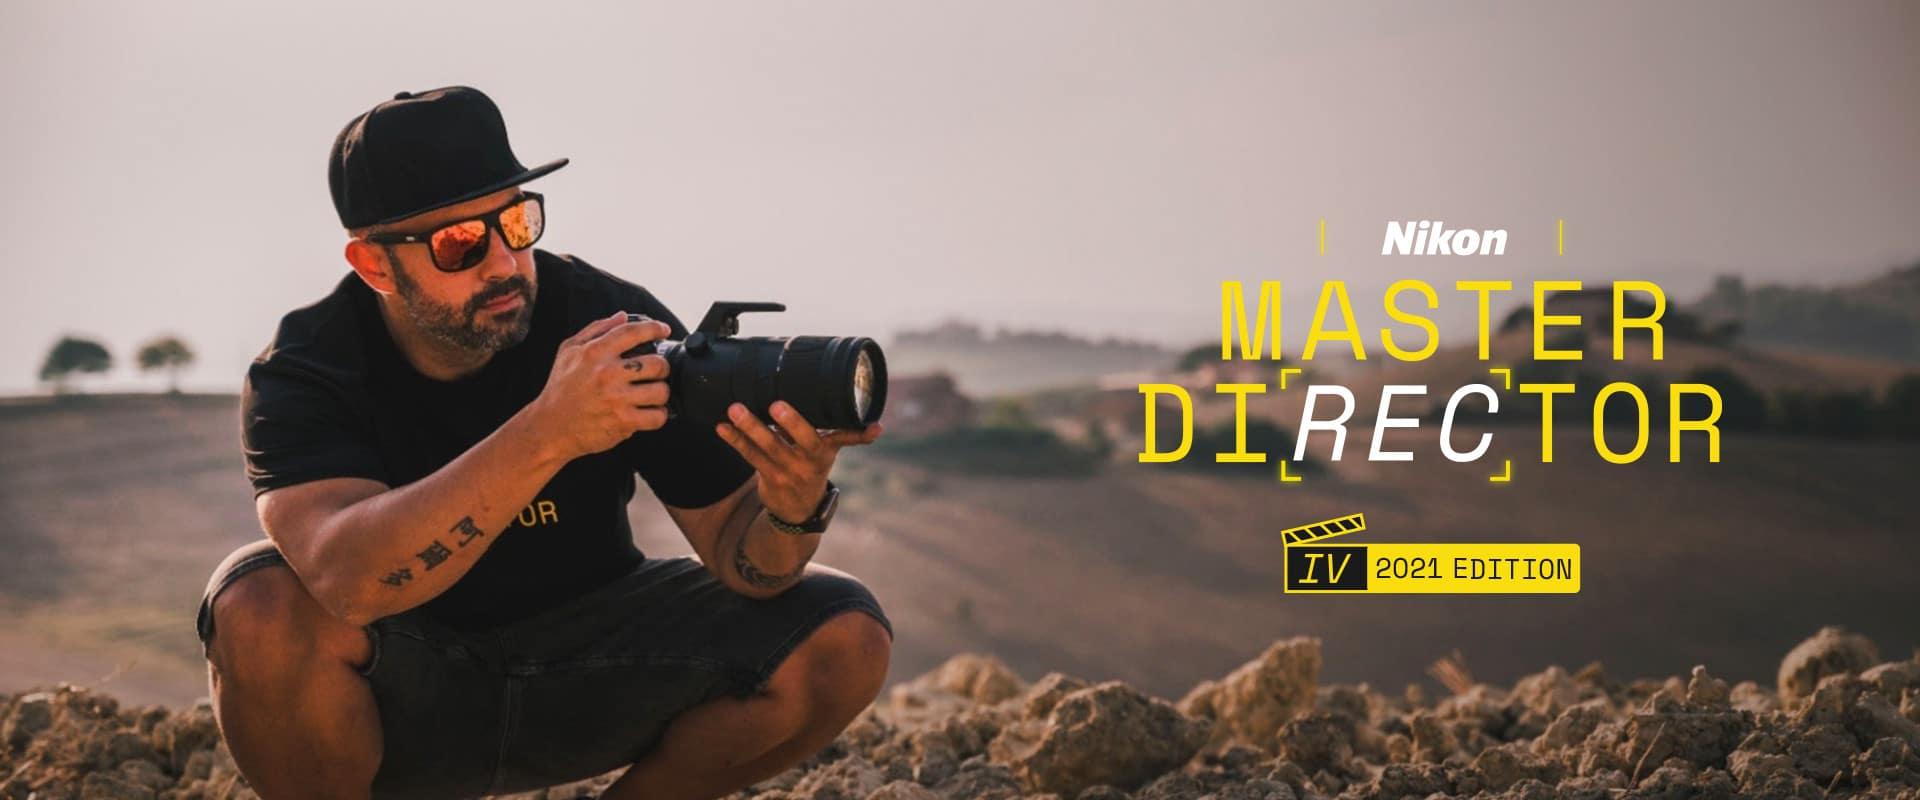 Nikon Master Director Italia: aperte le iscrizioni per la IV edizione thumbnail